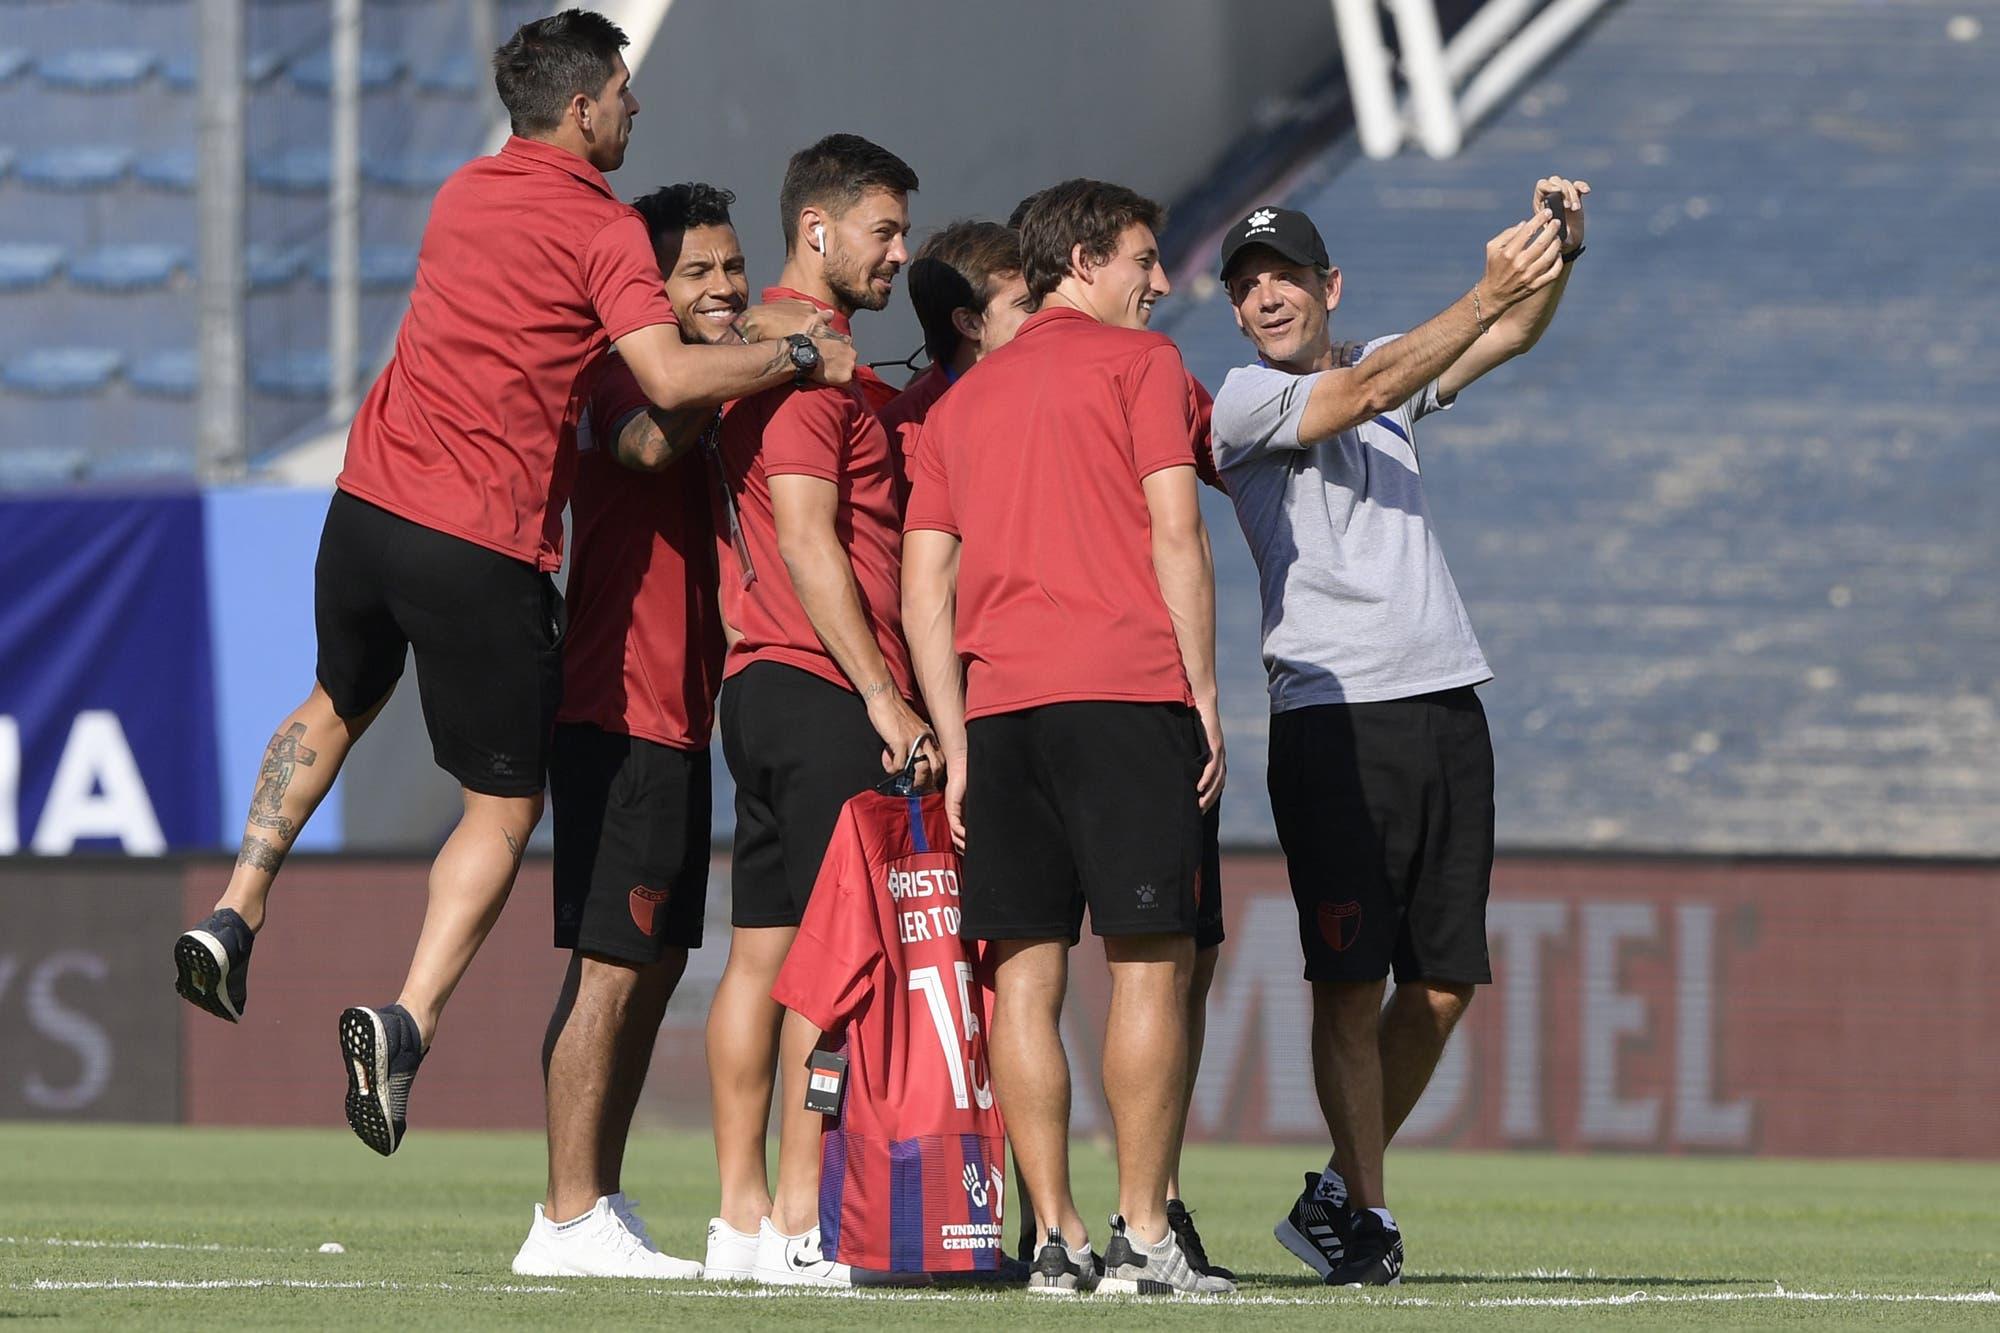 Colón está a punto de superar su propio límite: de Santa Fe a Asunción, una conmoción futbolera detrás de un título